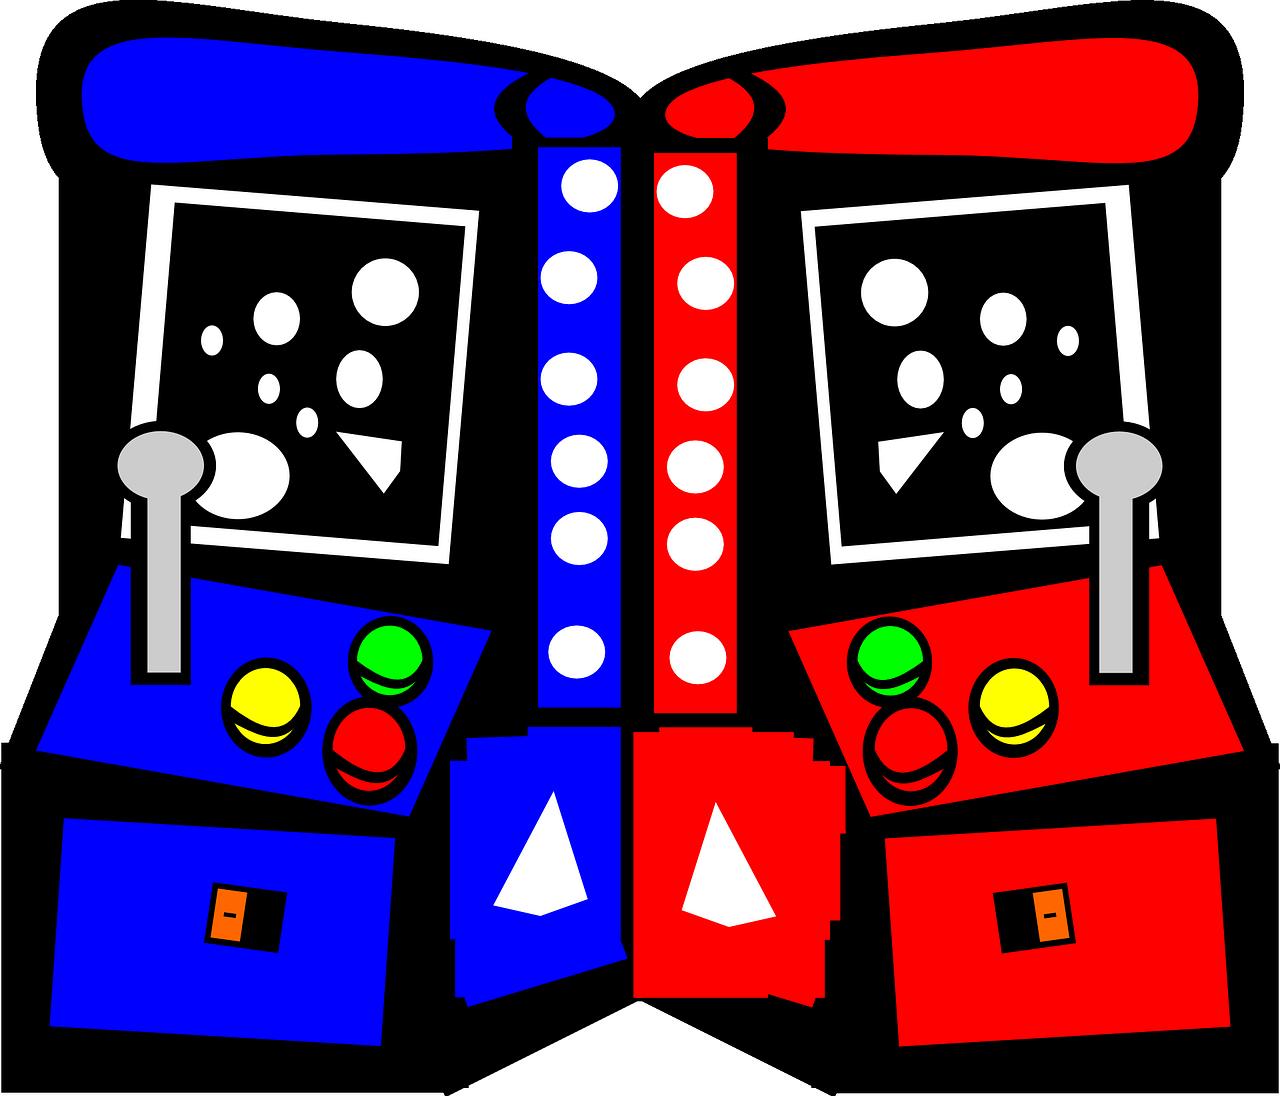 arcade-games-154575_1280